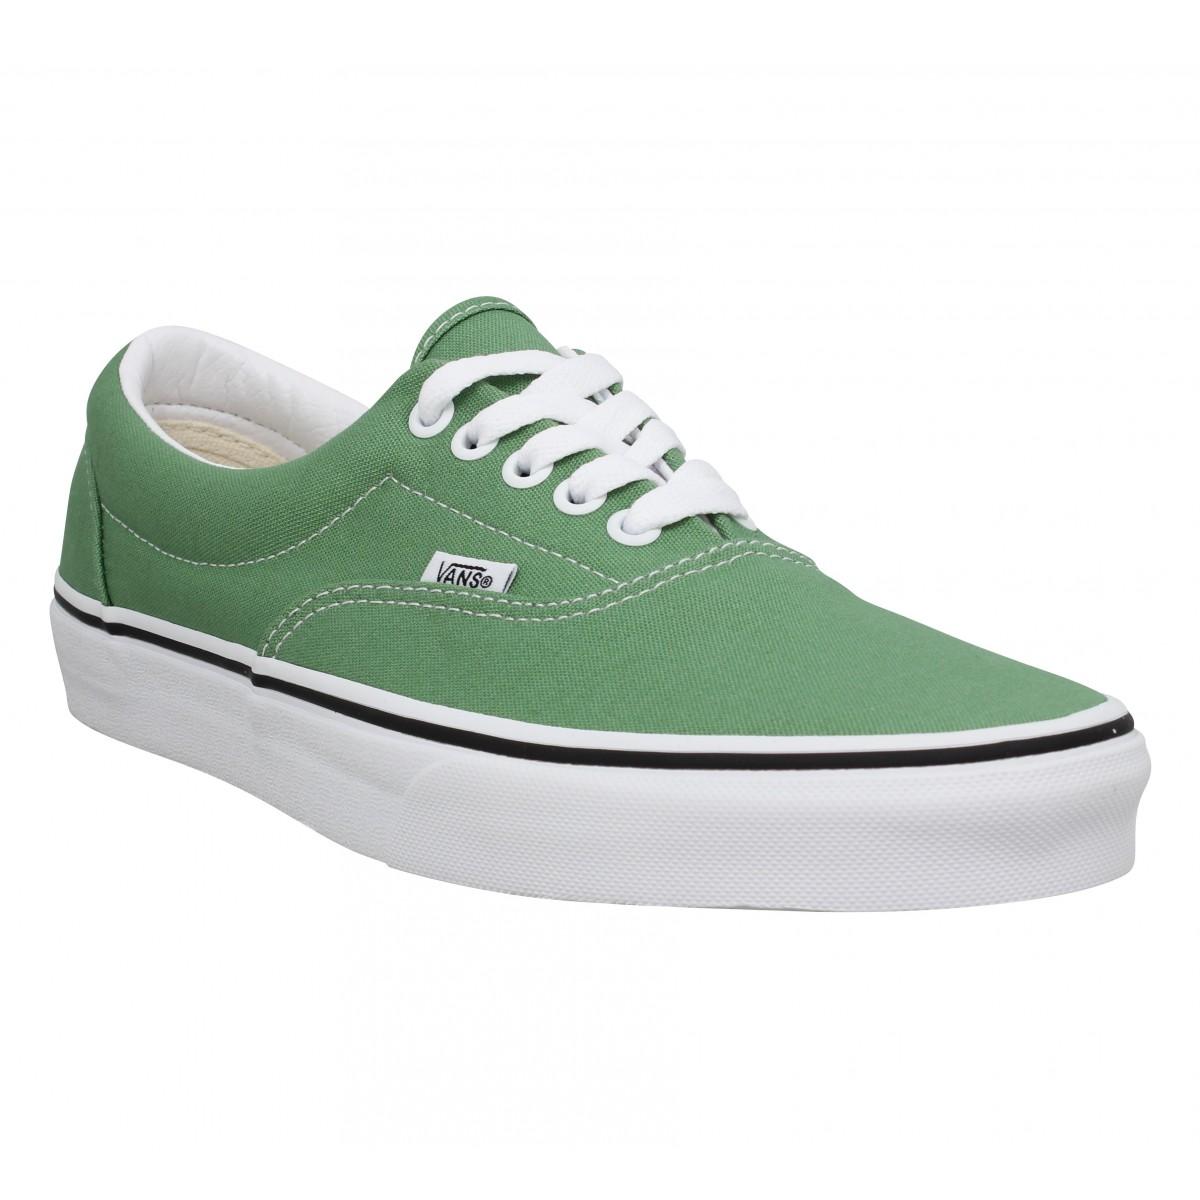 Vans Homme Era Toile -40-green